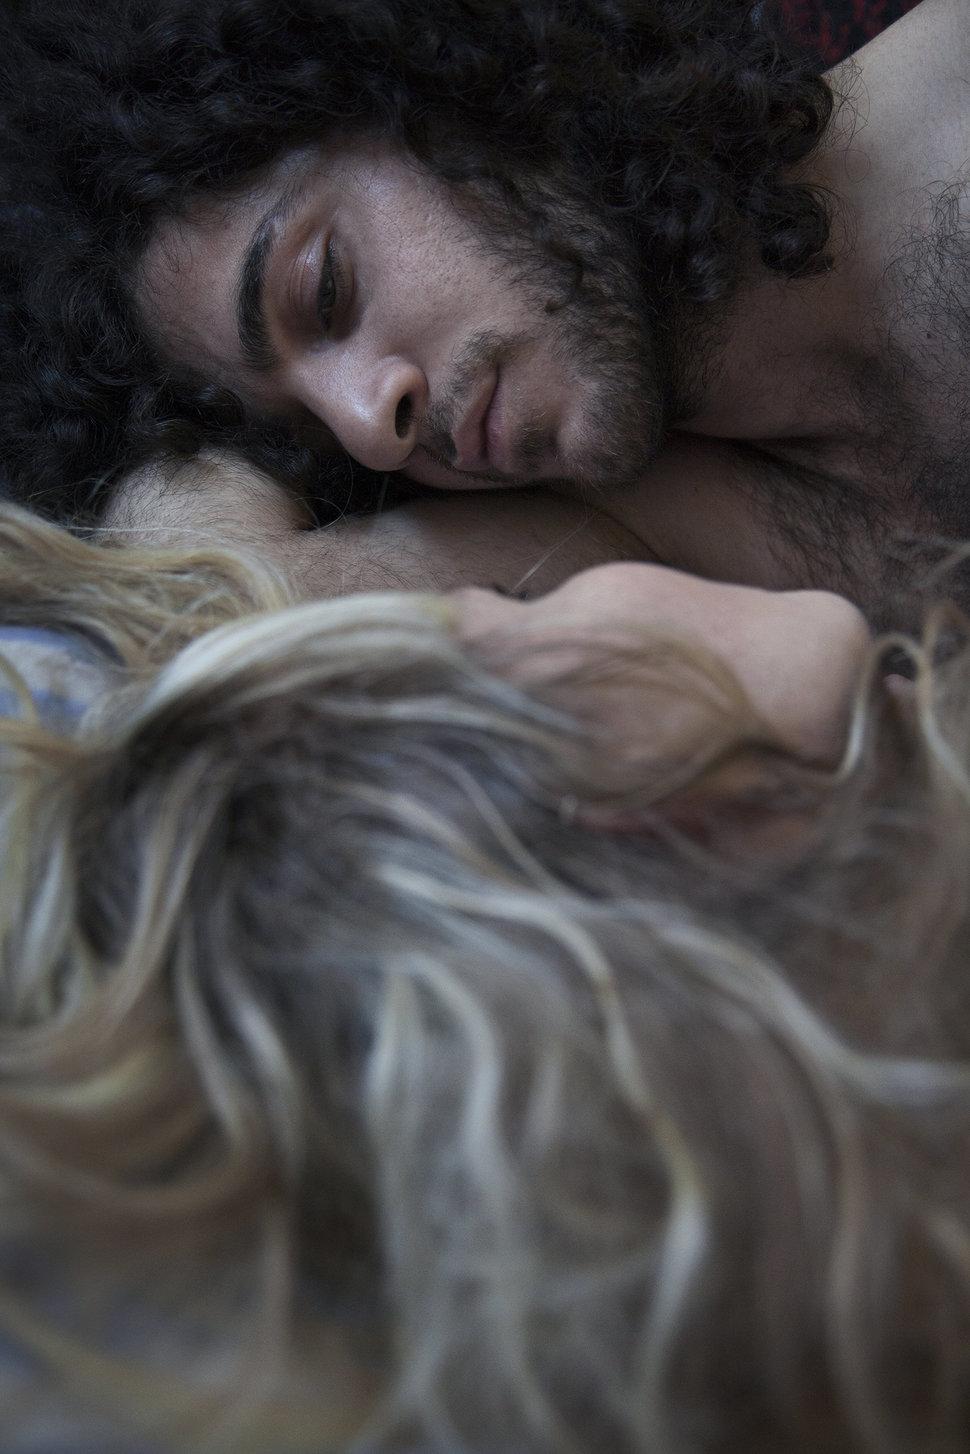 foto-ritratti-intimi-coppie-wanda-martin-lovers-10